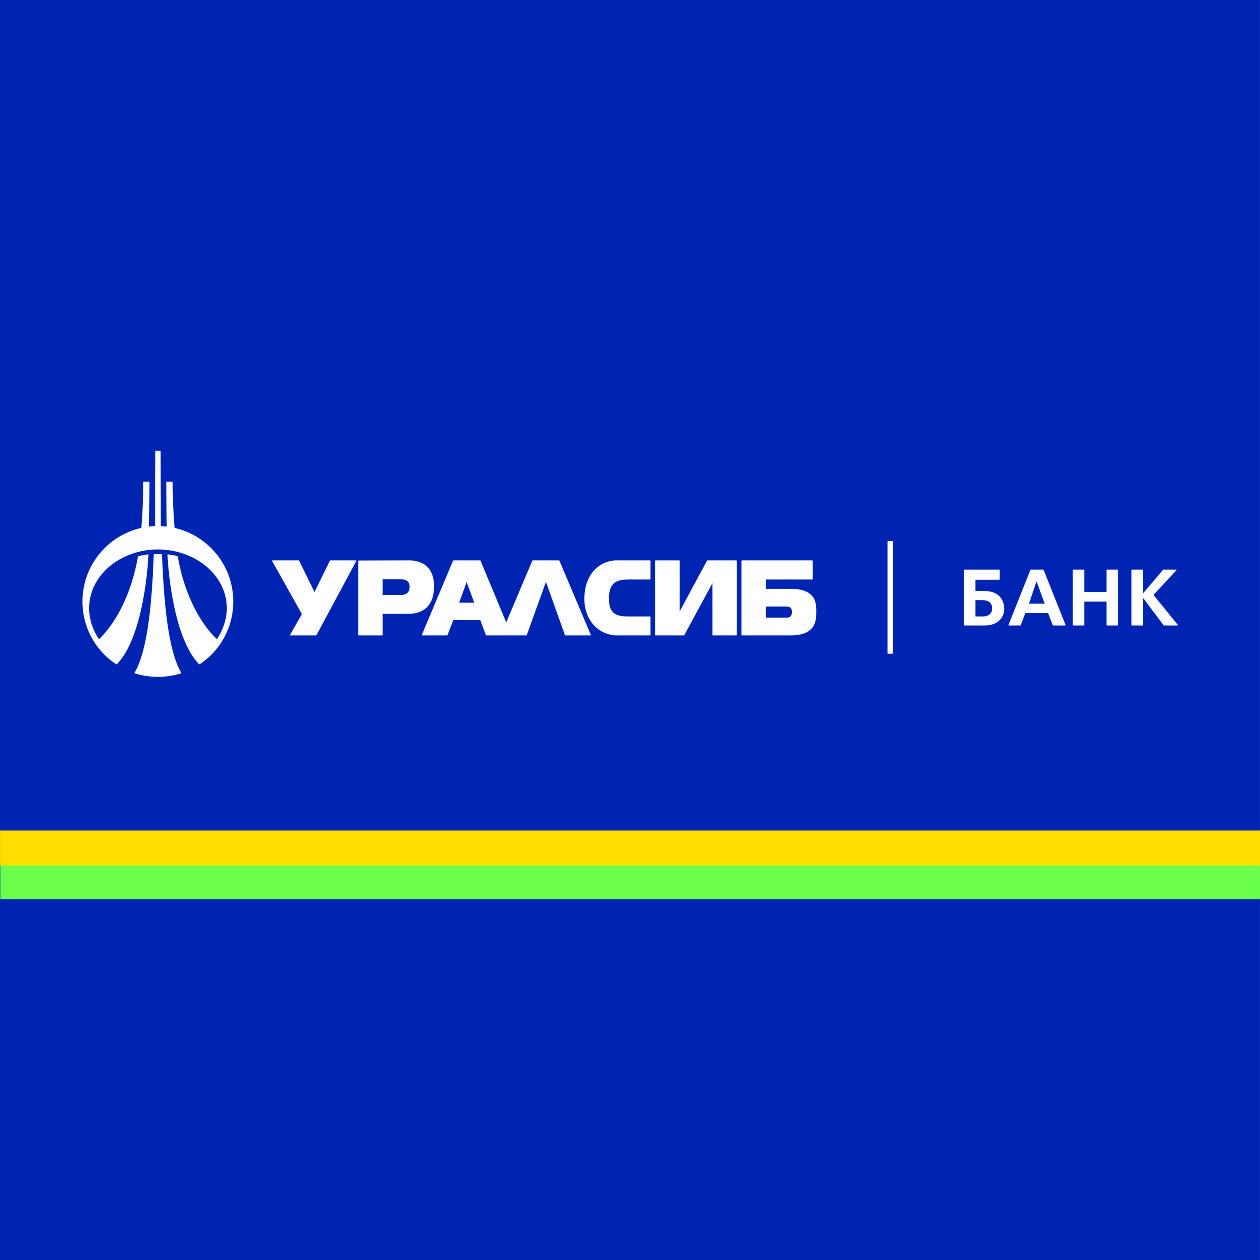 Банк УРАЛСИБ и МСП Банк  предложили совместное решение по поддержке малого бизнеса